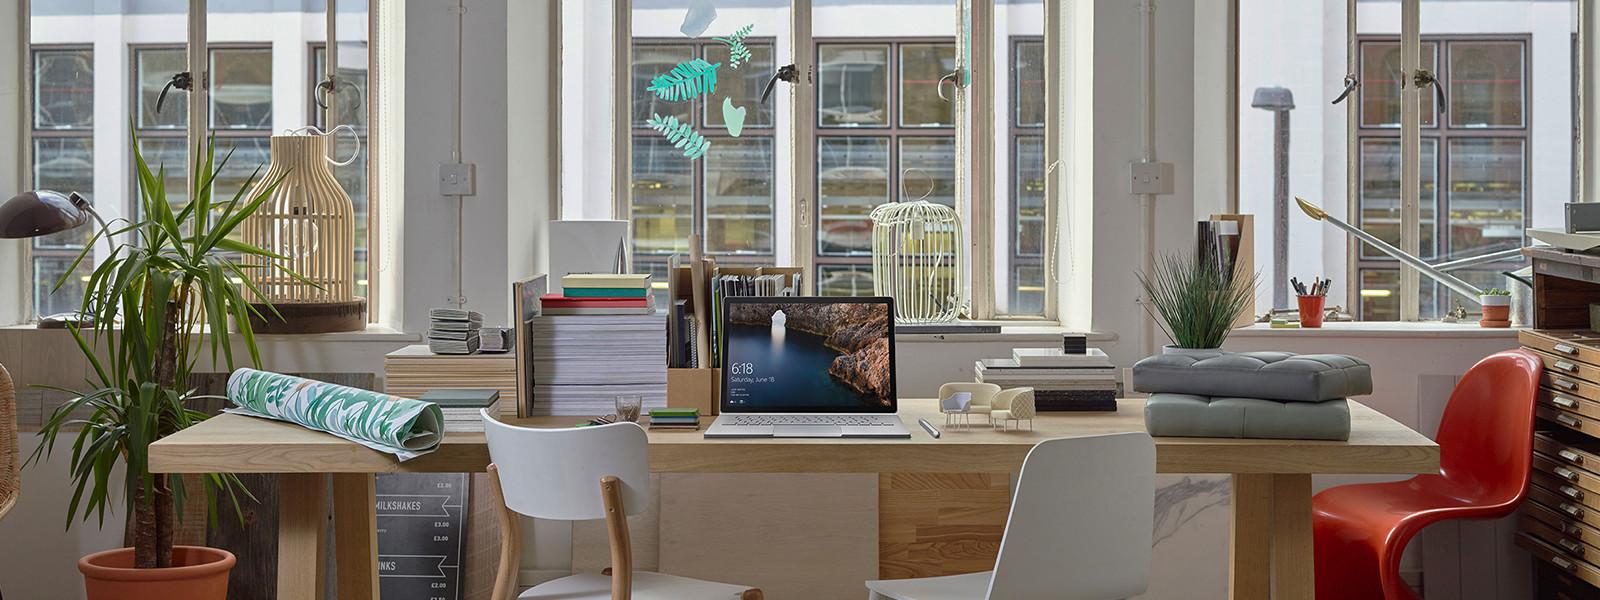 Ein Surface Book in einem Raum mit Designmöbel